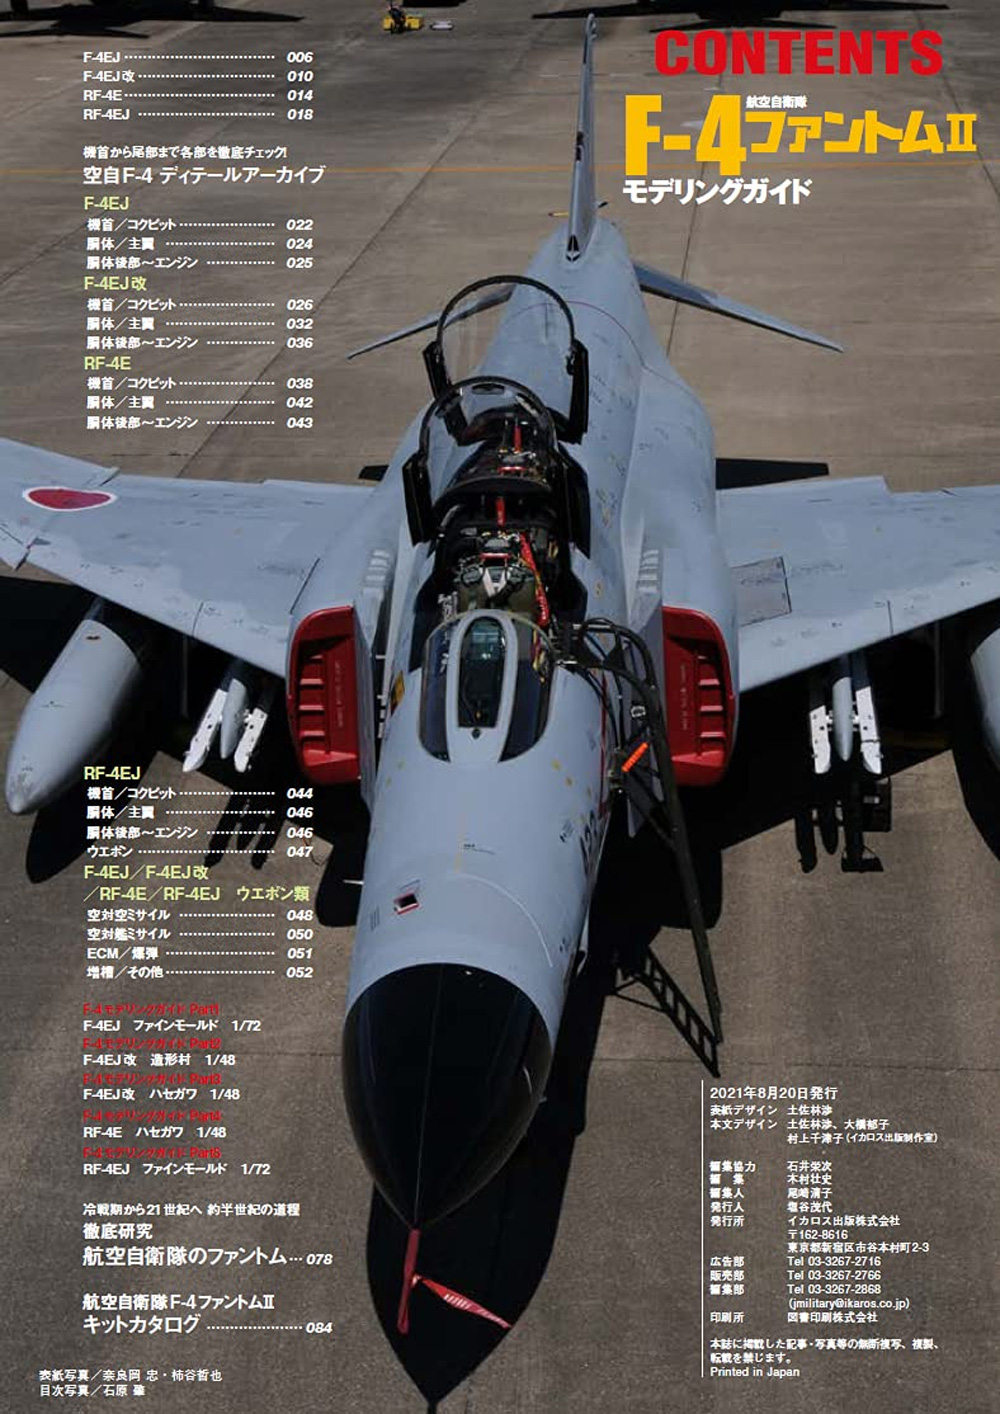 航空自衛隊 F-4 ファントム 2 モデリングガイド本(イカロス出版イカロスムックNo.61858-46)商品画像_1